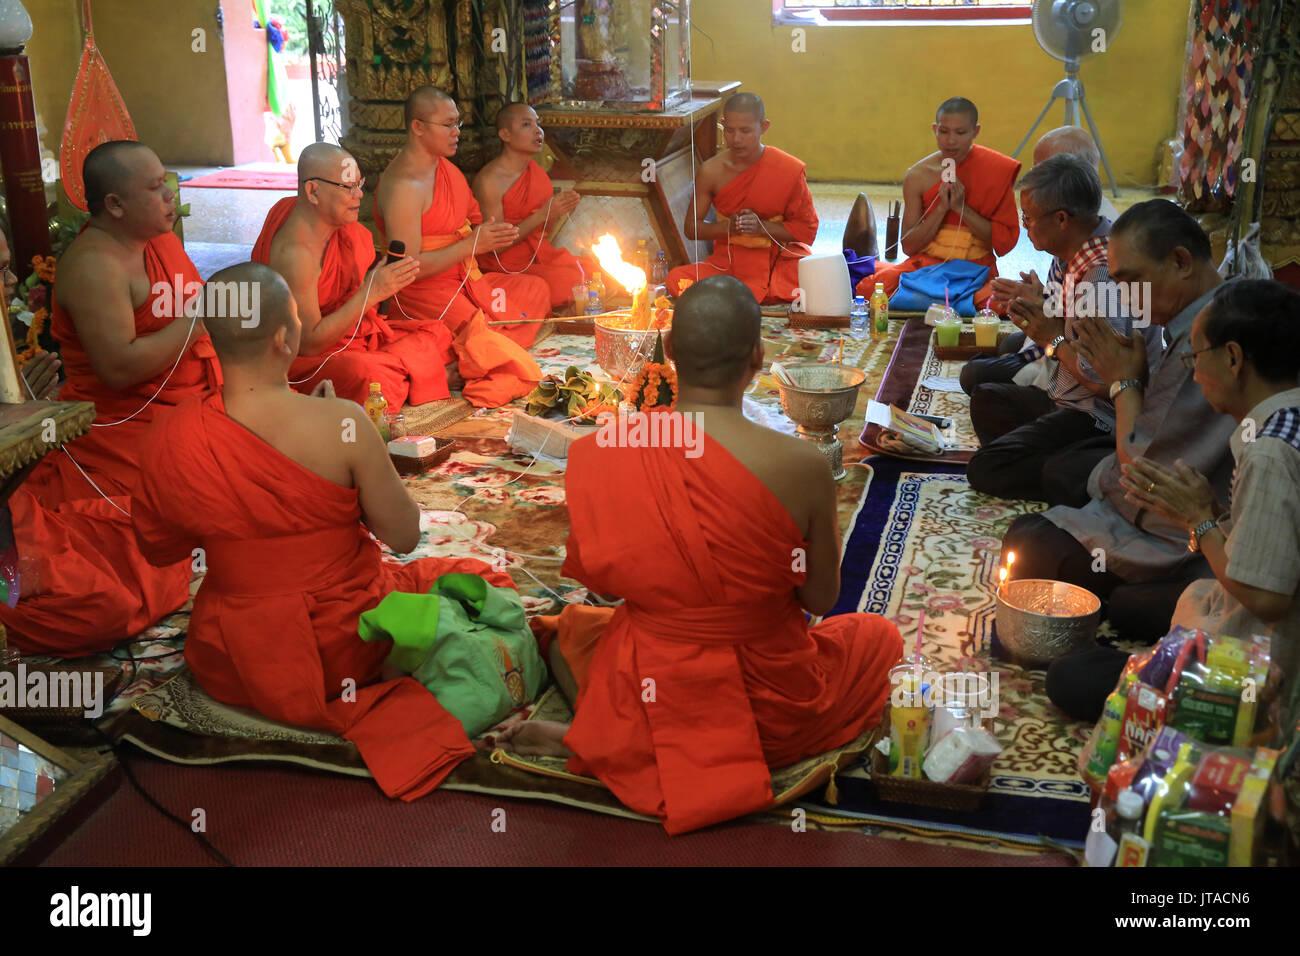 Les moines bouddhistes priant, Sai Sin, le fil de coton symbolisant le lien sacré, Simuong Wat (Wat Si Muang), Vientiane, Laos, Indochine, Asie du sud-est Photo Stock